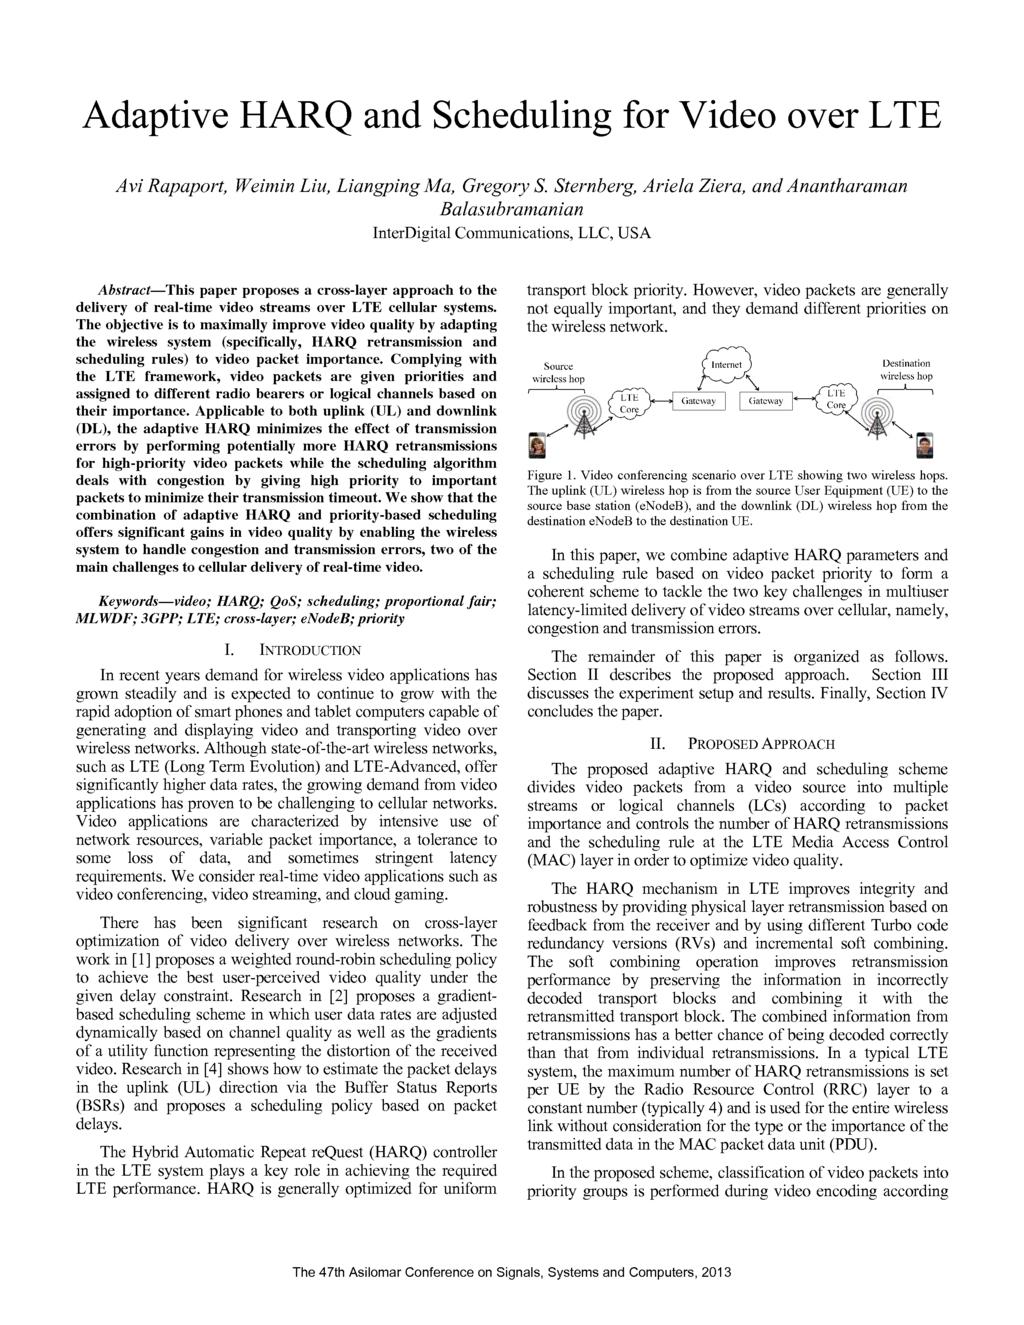 cs506 final term paper 2013